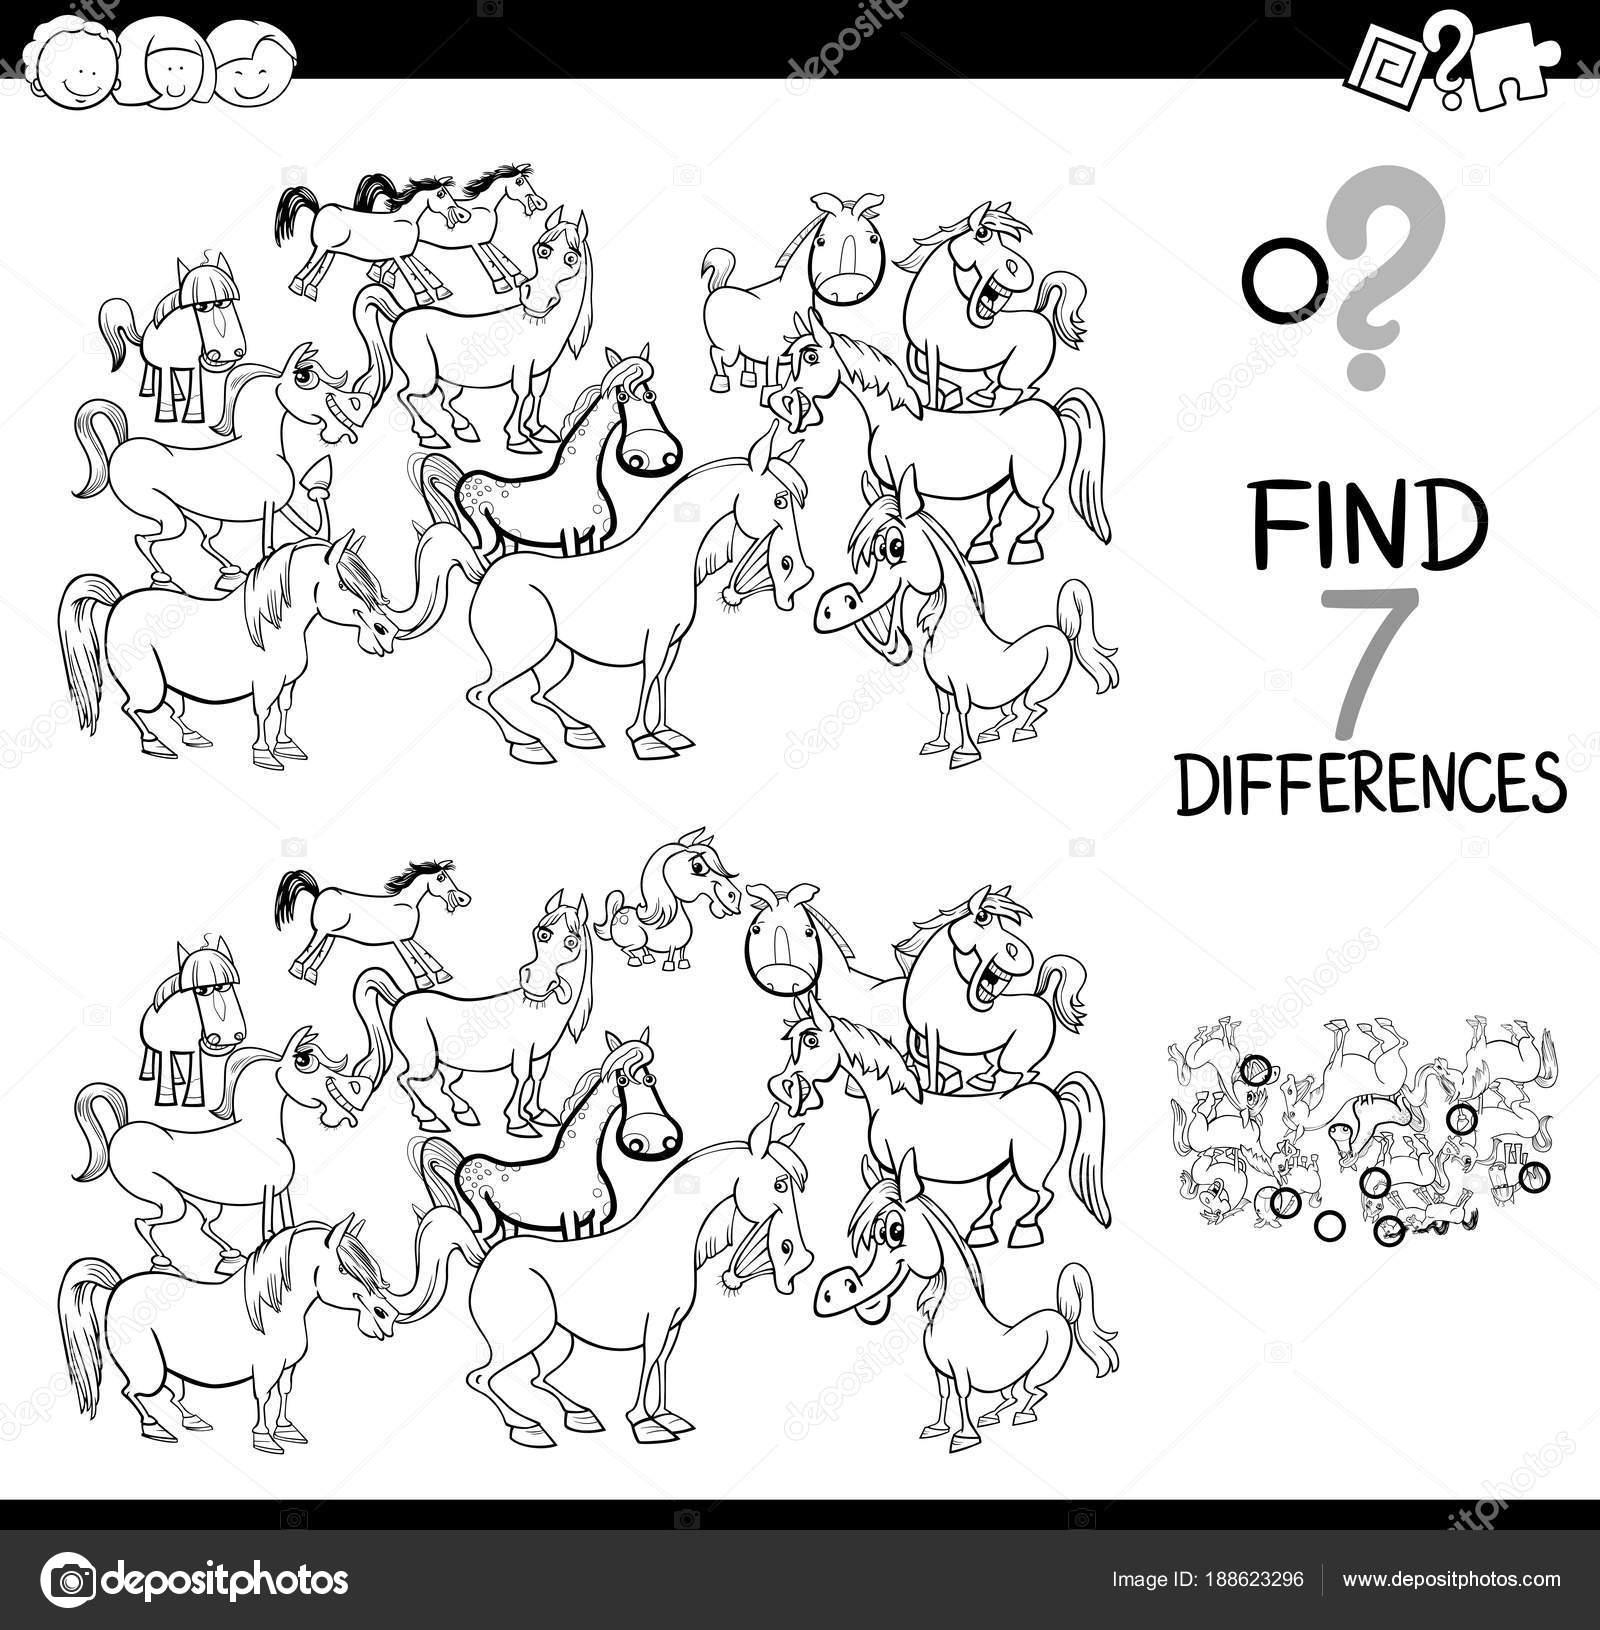 Kleurplaten Van Paarden Spelletjes.Differences Spel Met Boerderij Paarden Kleurplaten Boek